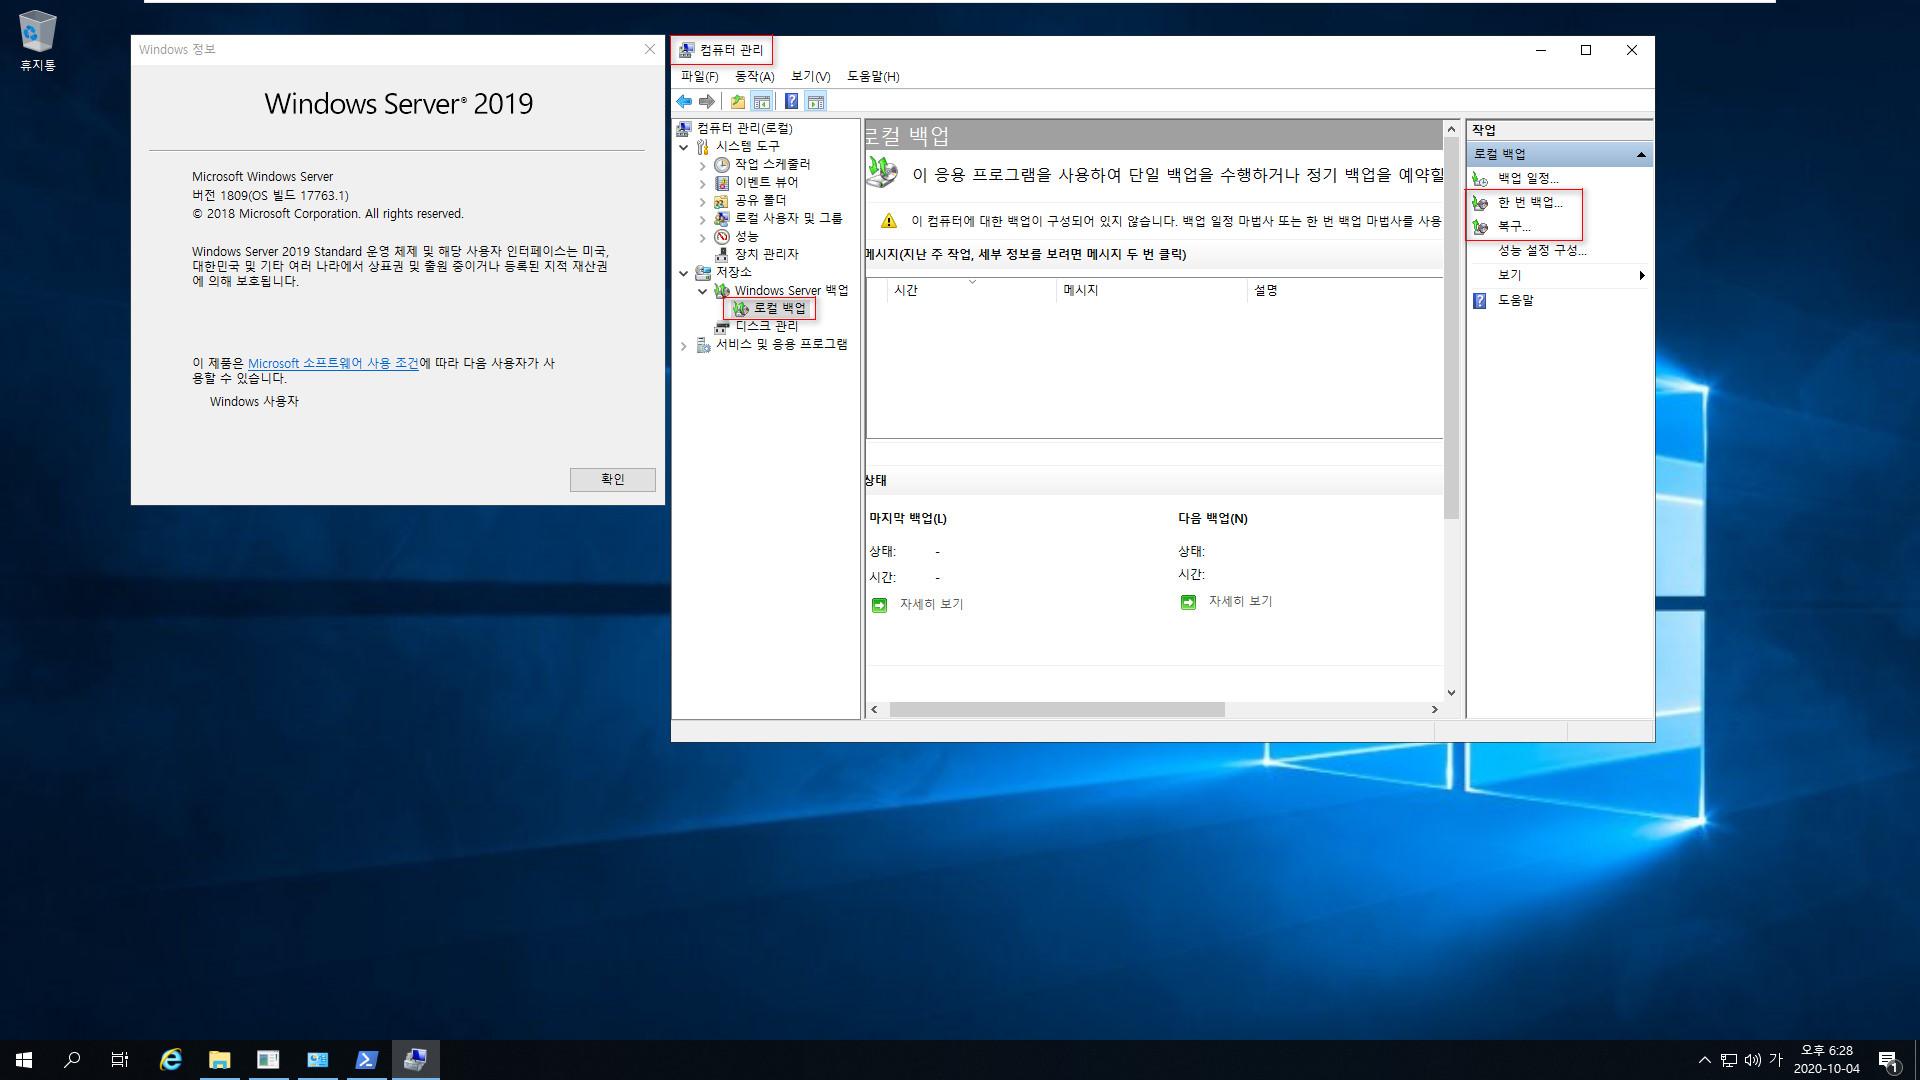 윈도우 서버군은 윈도우 사용중에도 자체 WBadmin 명령으로 윈도우 복구를 합니다 - Windows Server 2019로 복구 테스트 2020-10-04_182848.jpg